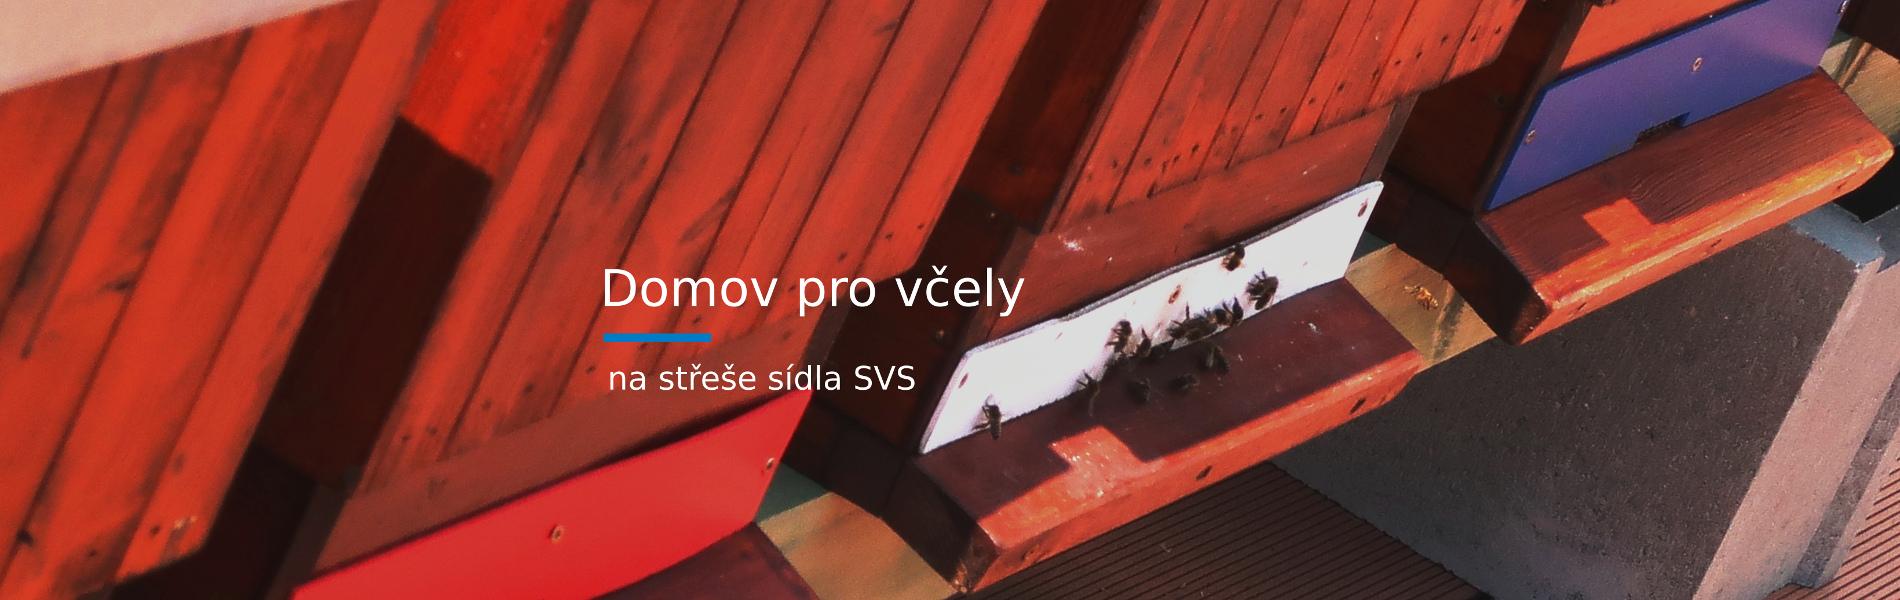 slide-vcely2018